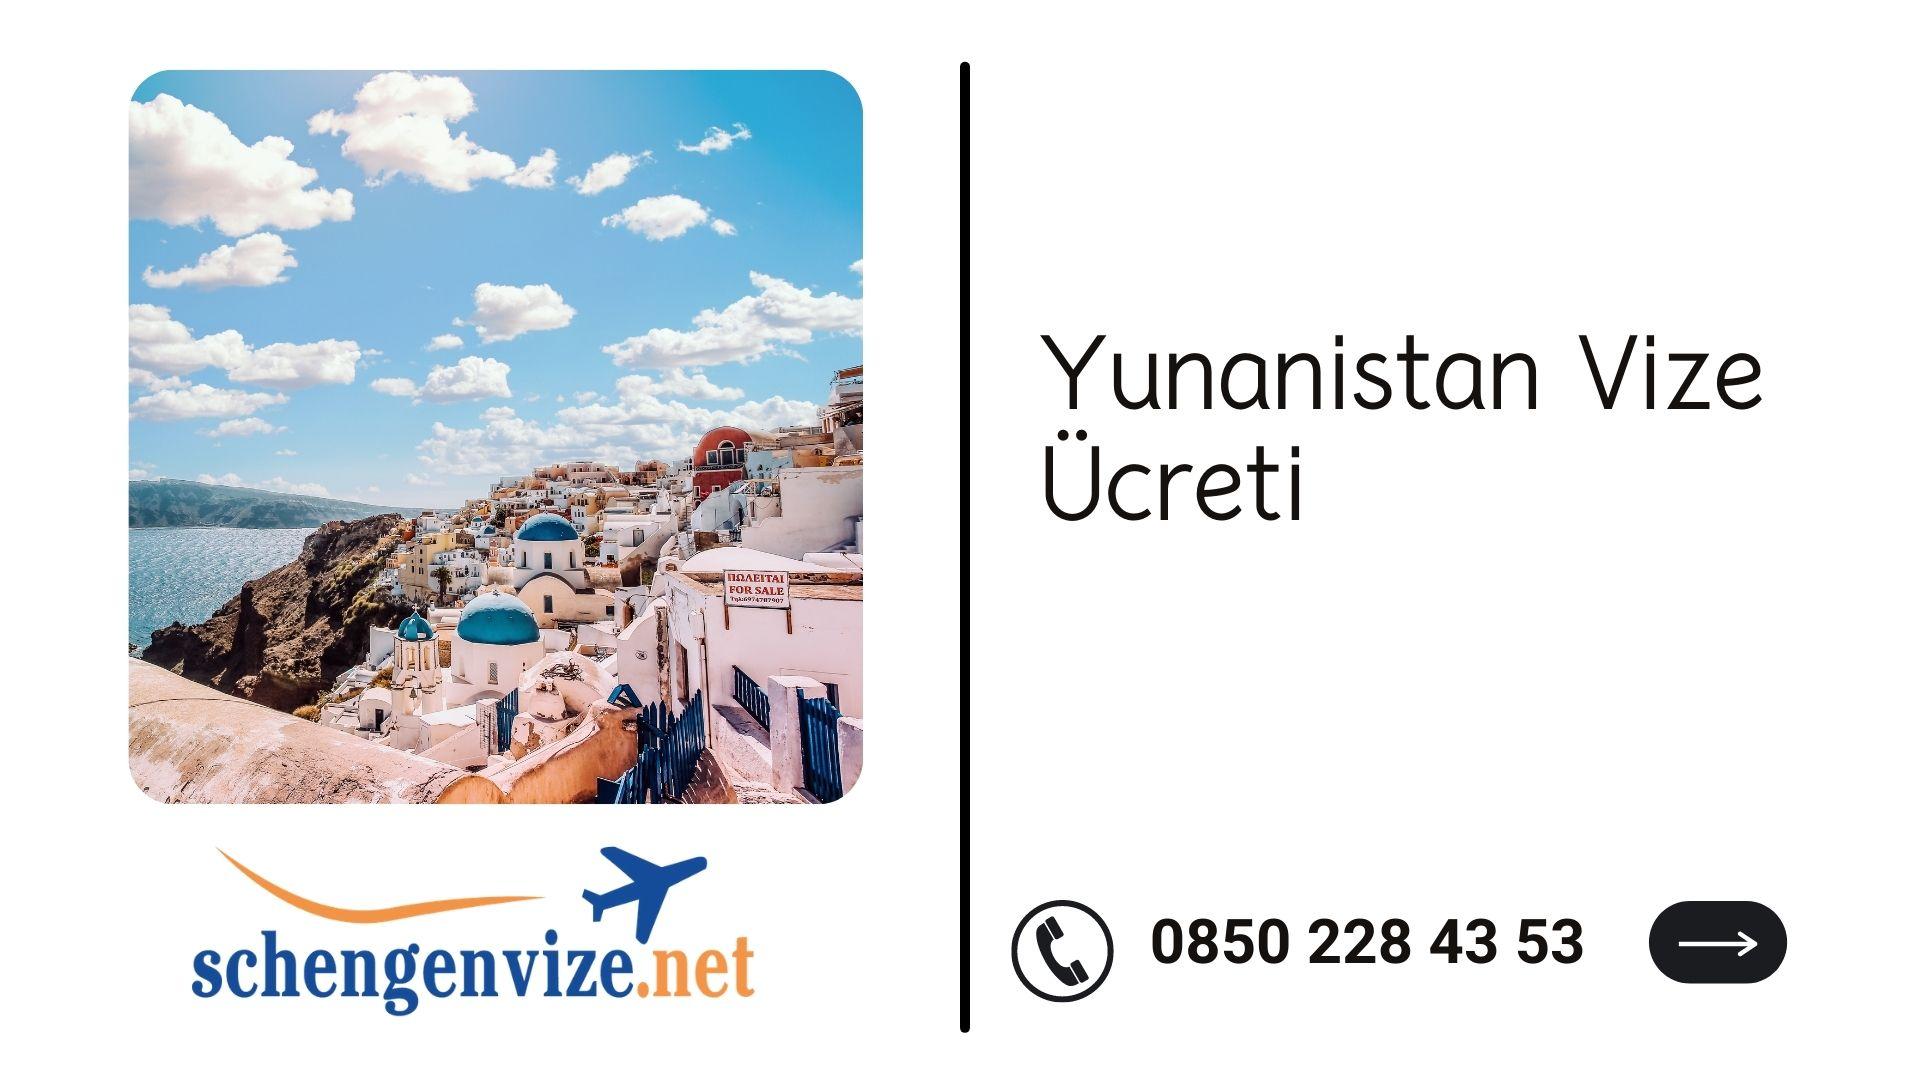 Yunanistan Vize Ücreti